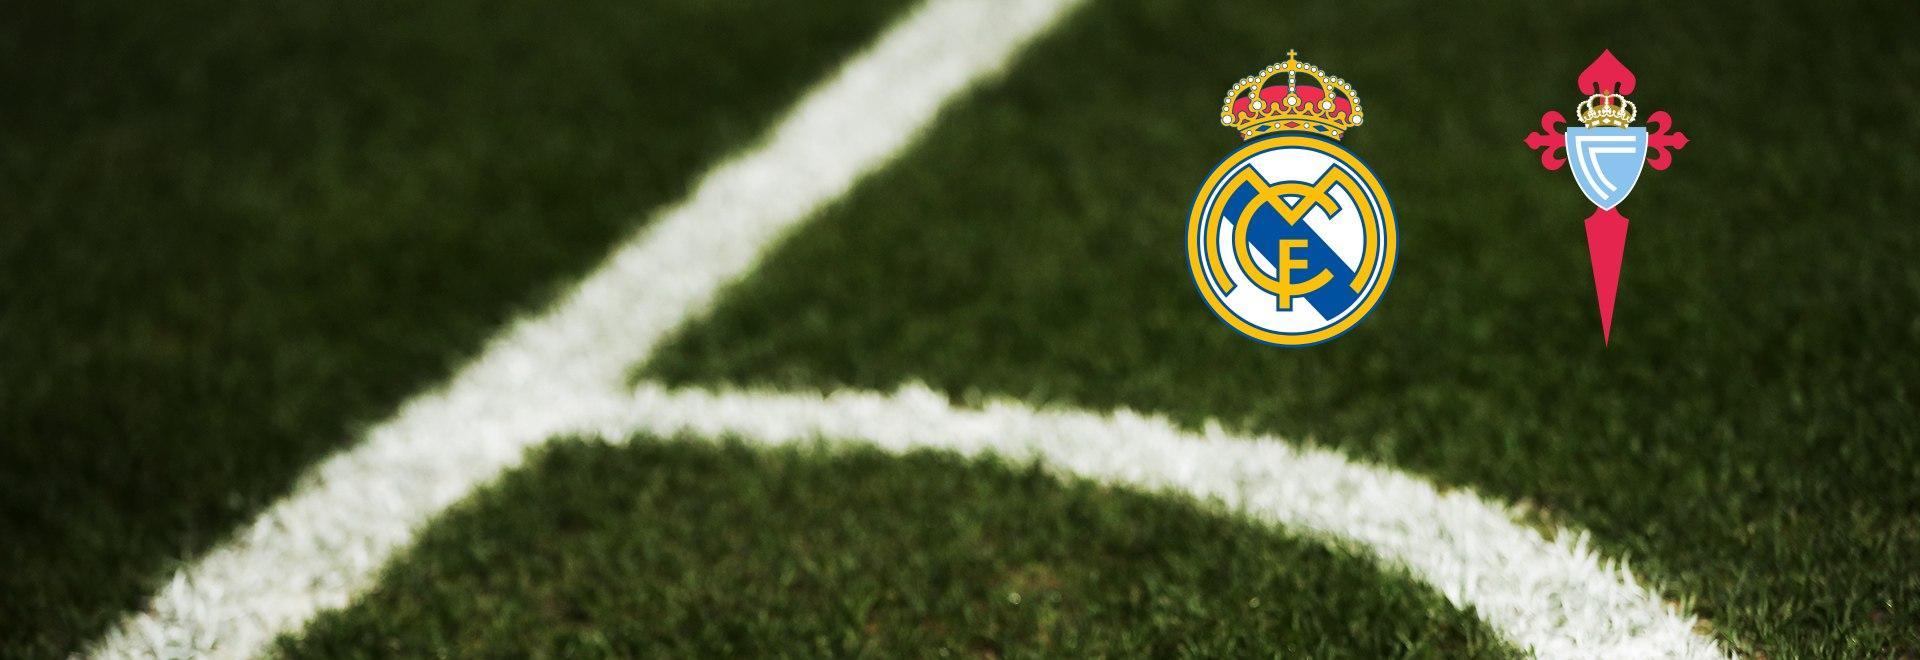 Real Madrid - Celta de Vigo. 24a g.